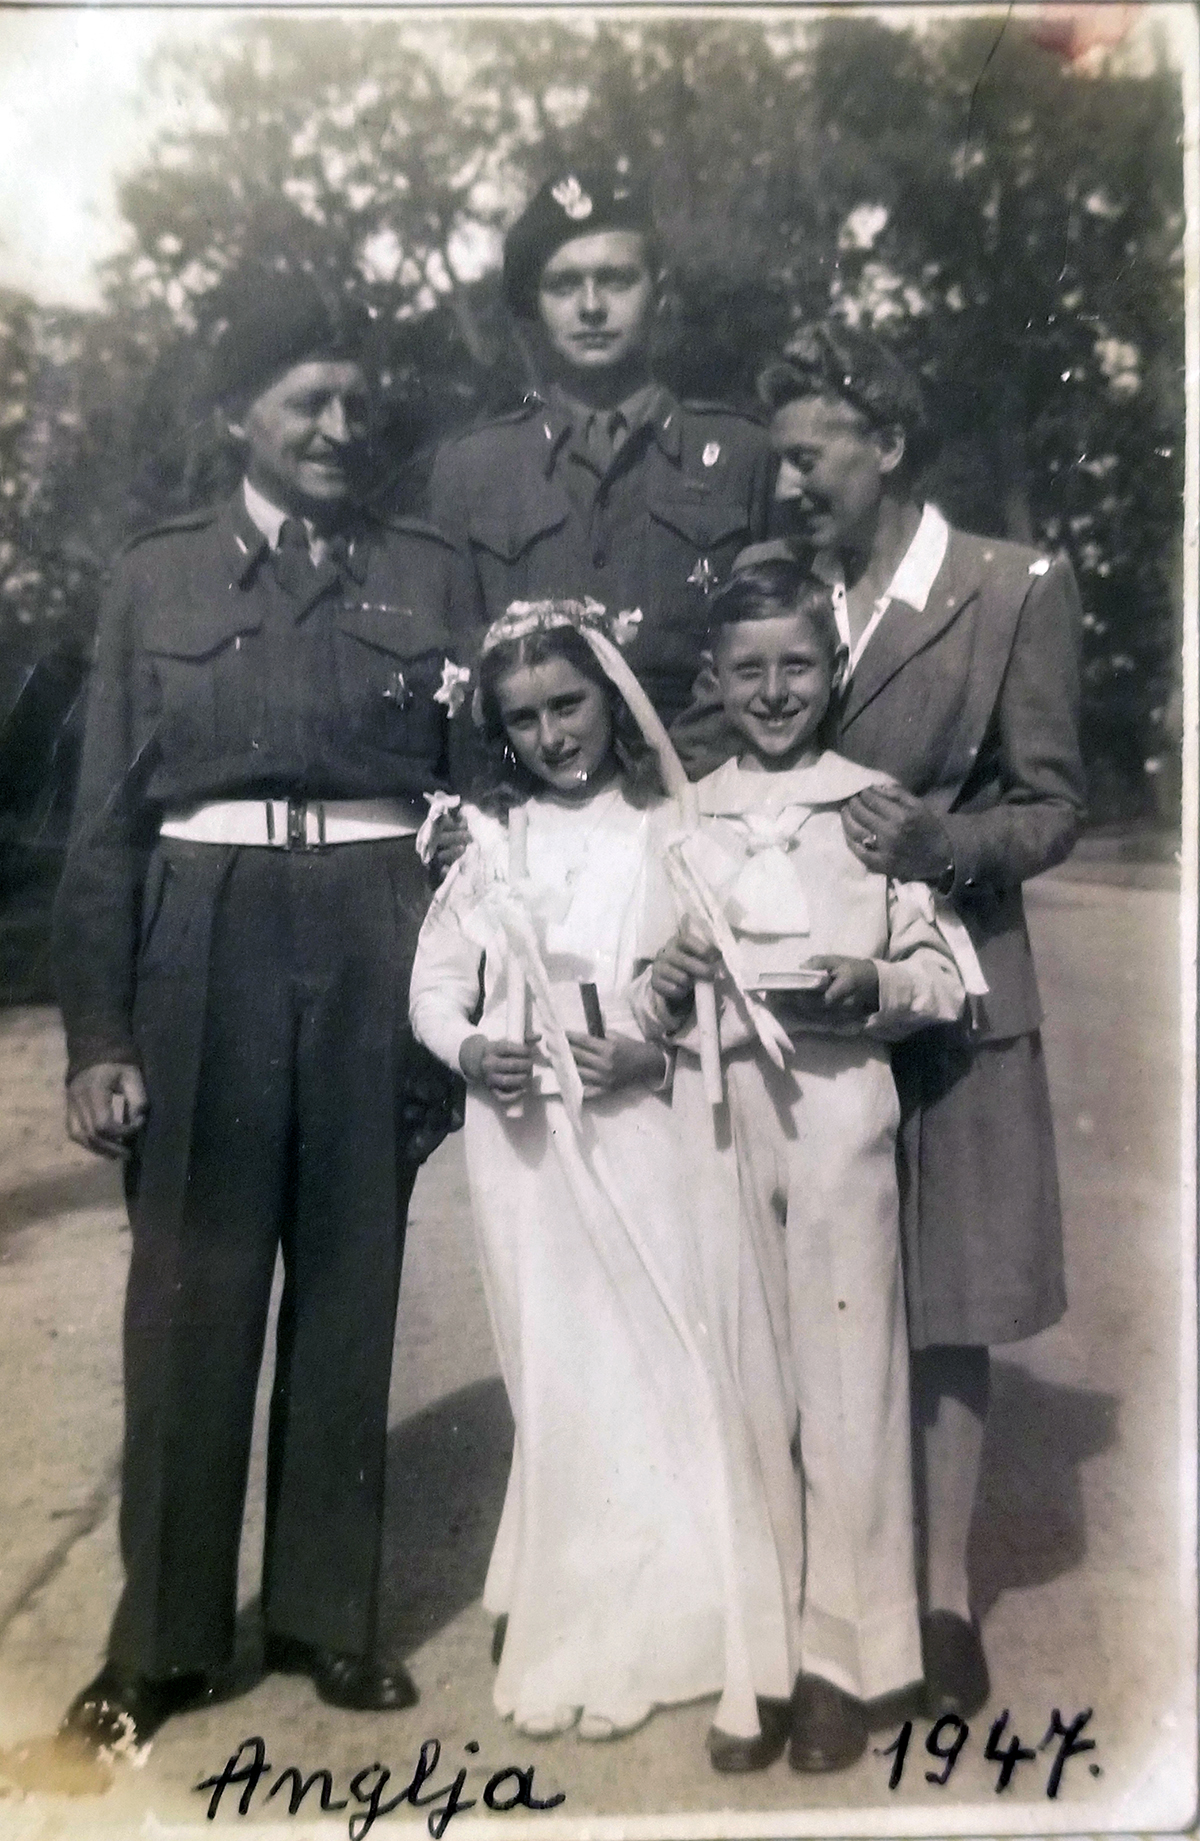 Rodzina Zamoyskich, Anglia, 1947